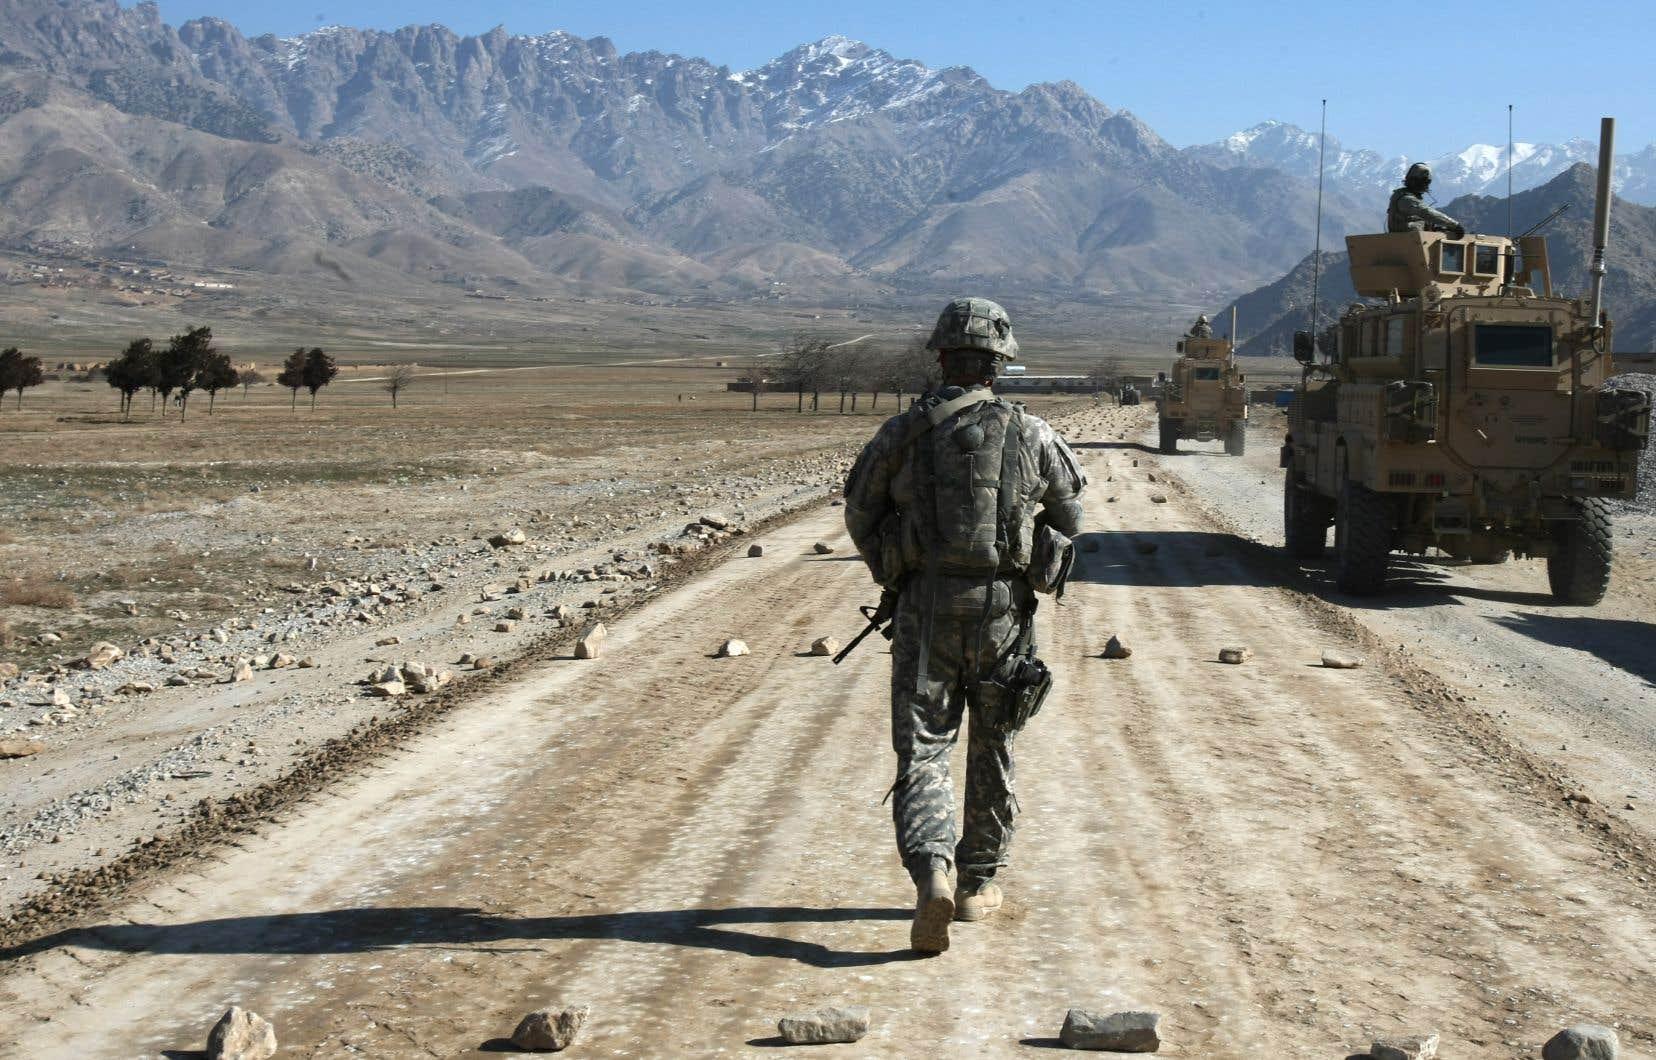 Depuis l'annonce du président américain, les opérations de retrait ont déjà été réalisées à plus de 50%. Mais ce retrait n'a fait qu'exacerber la peur de nombreux Afghans, qui redoutent de voir les talibans revenir au pouvoir et imposer le même régime fondamentaliste que lorsqu'ils gouvernaient le pays.